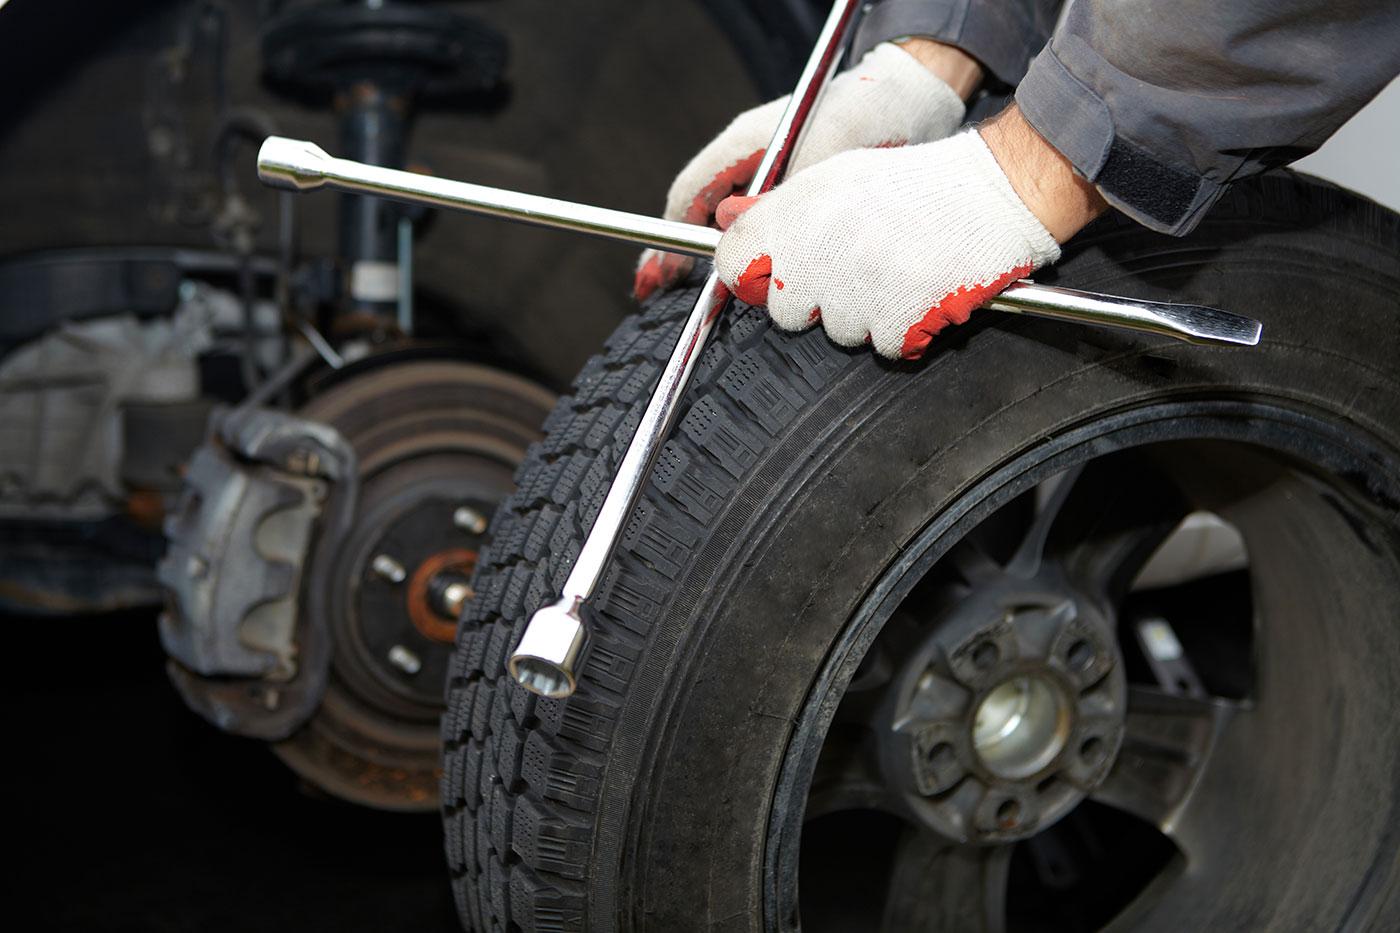 Un uomo ripara uno pneumatico